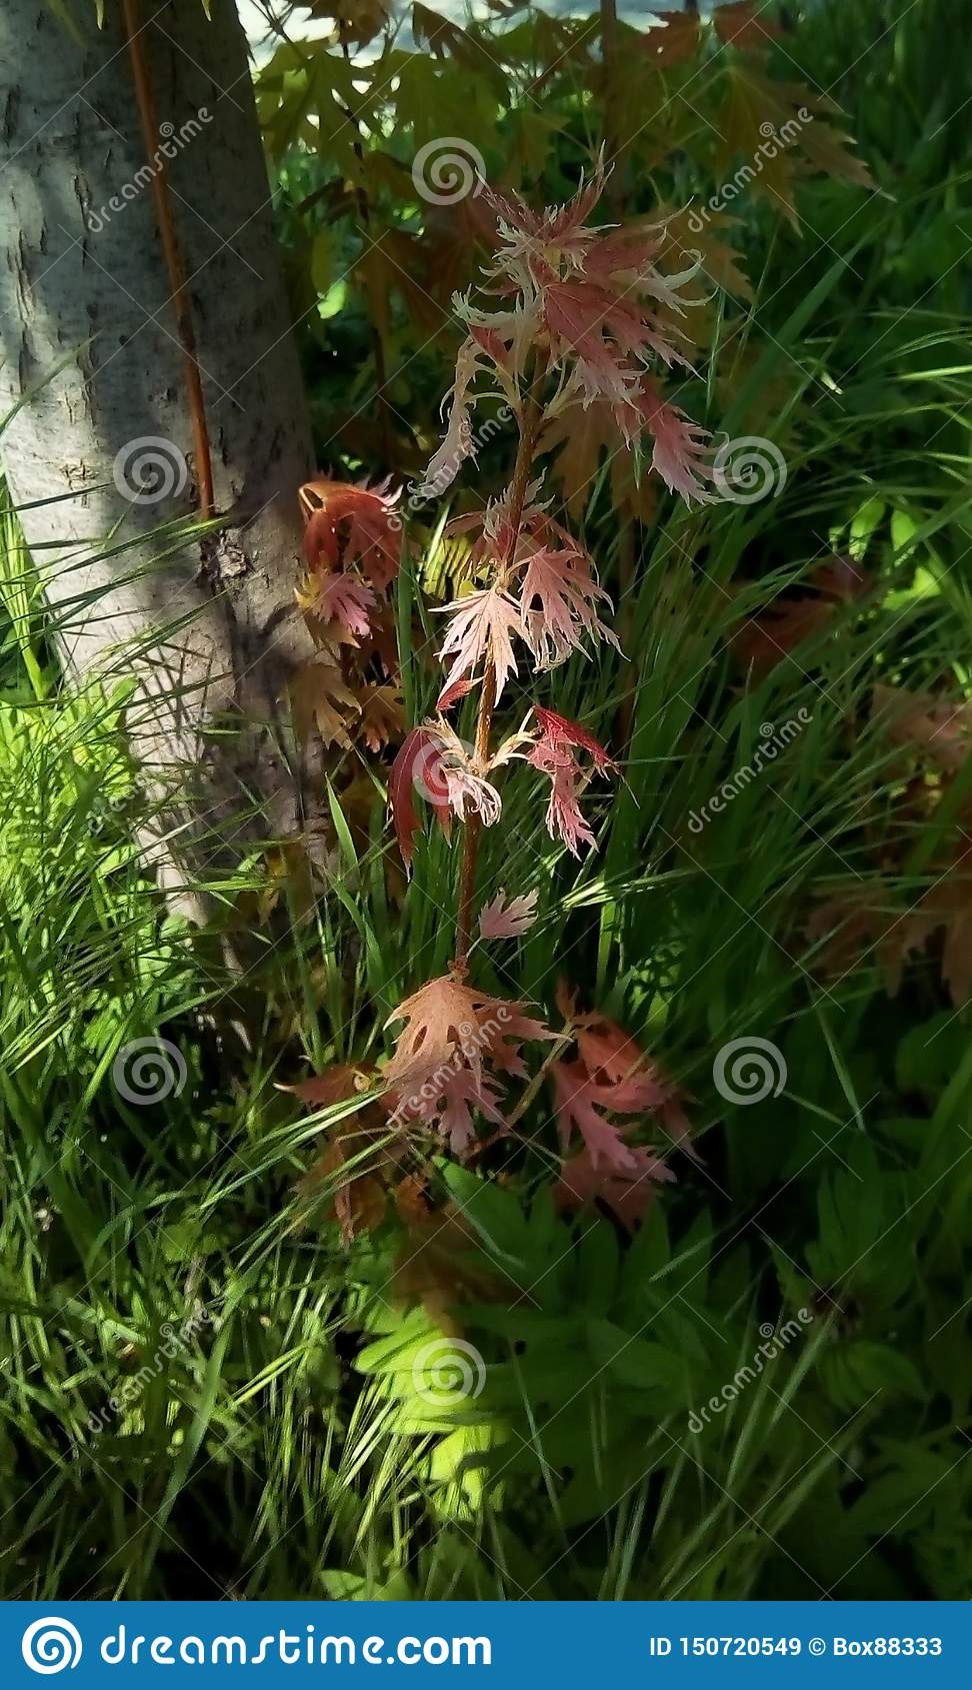 Triebe mit rosa Blättern im Schatten eines Baums, gegen einen Hintergrund des grünen Grases